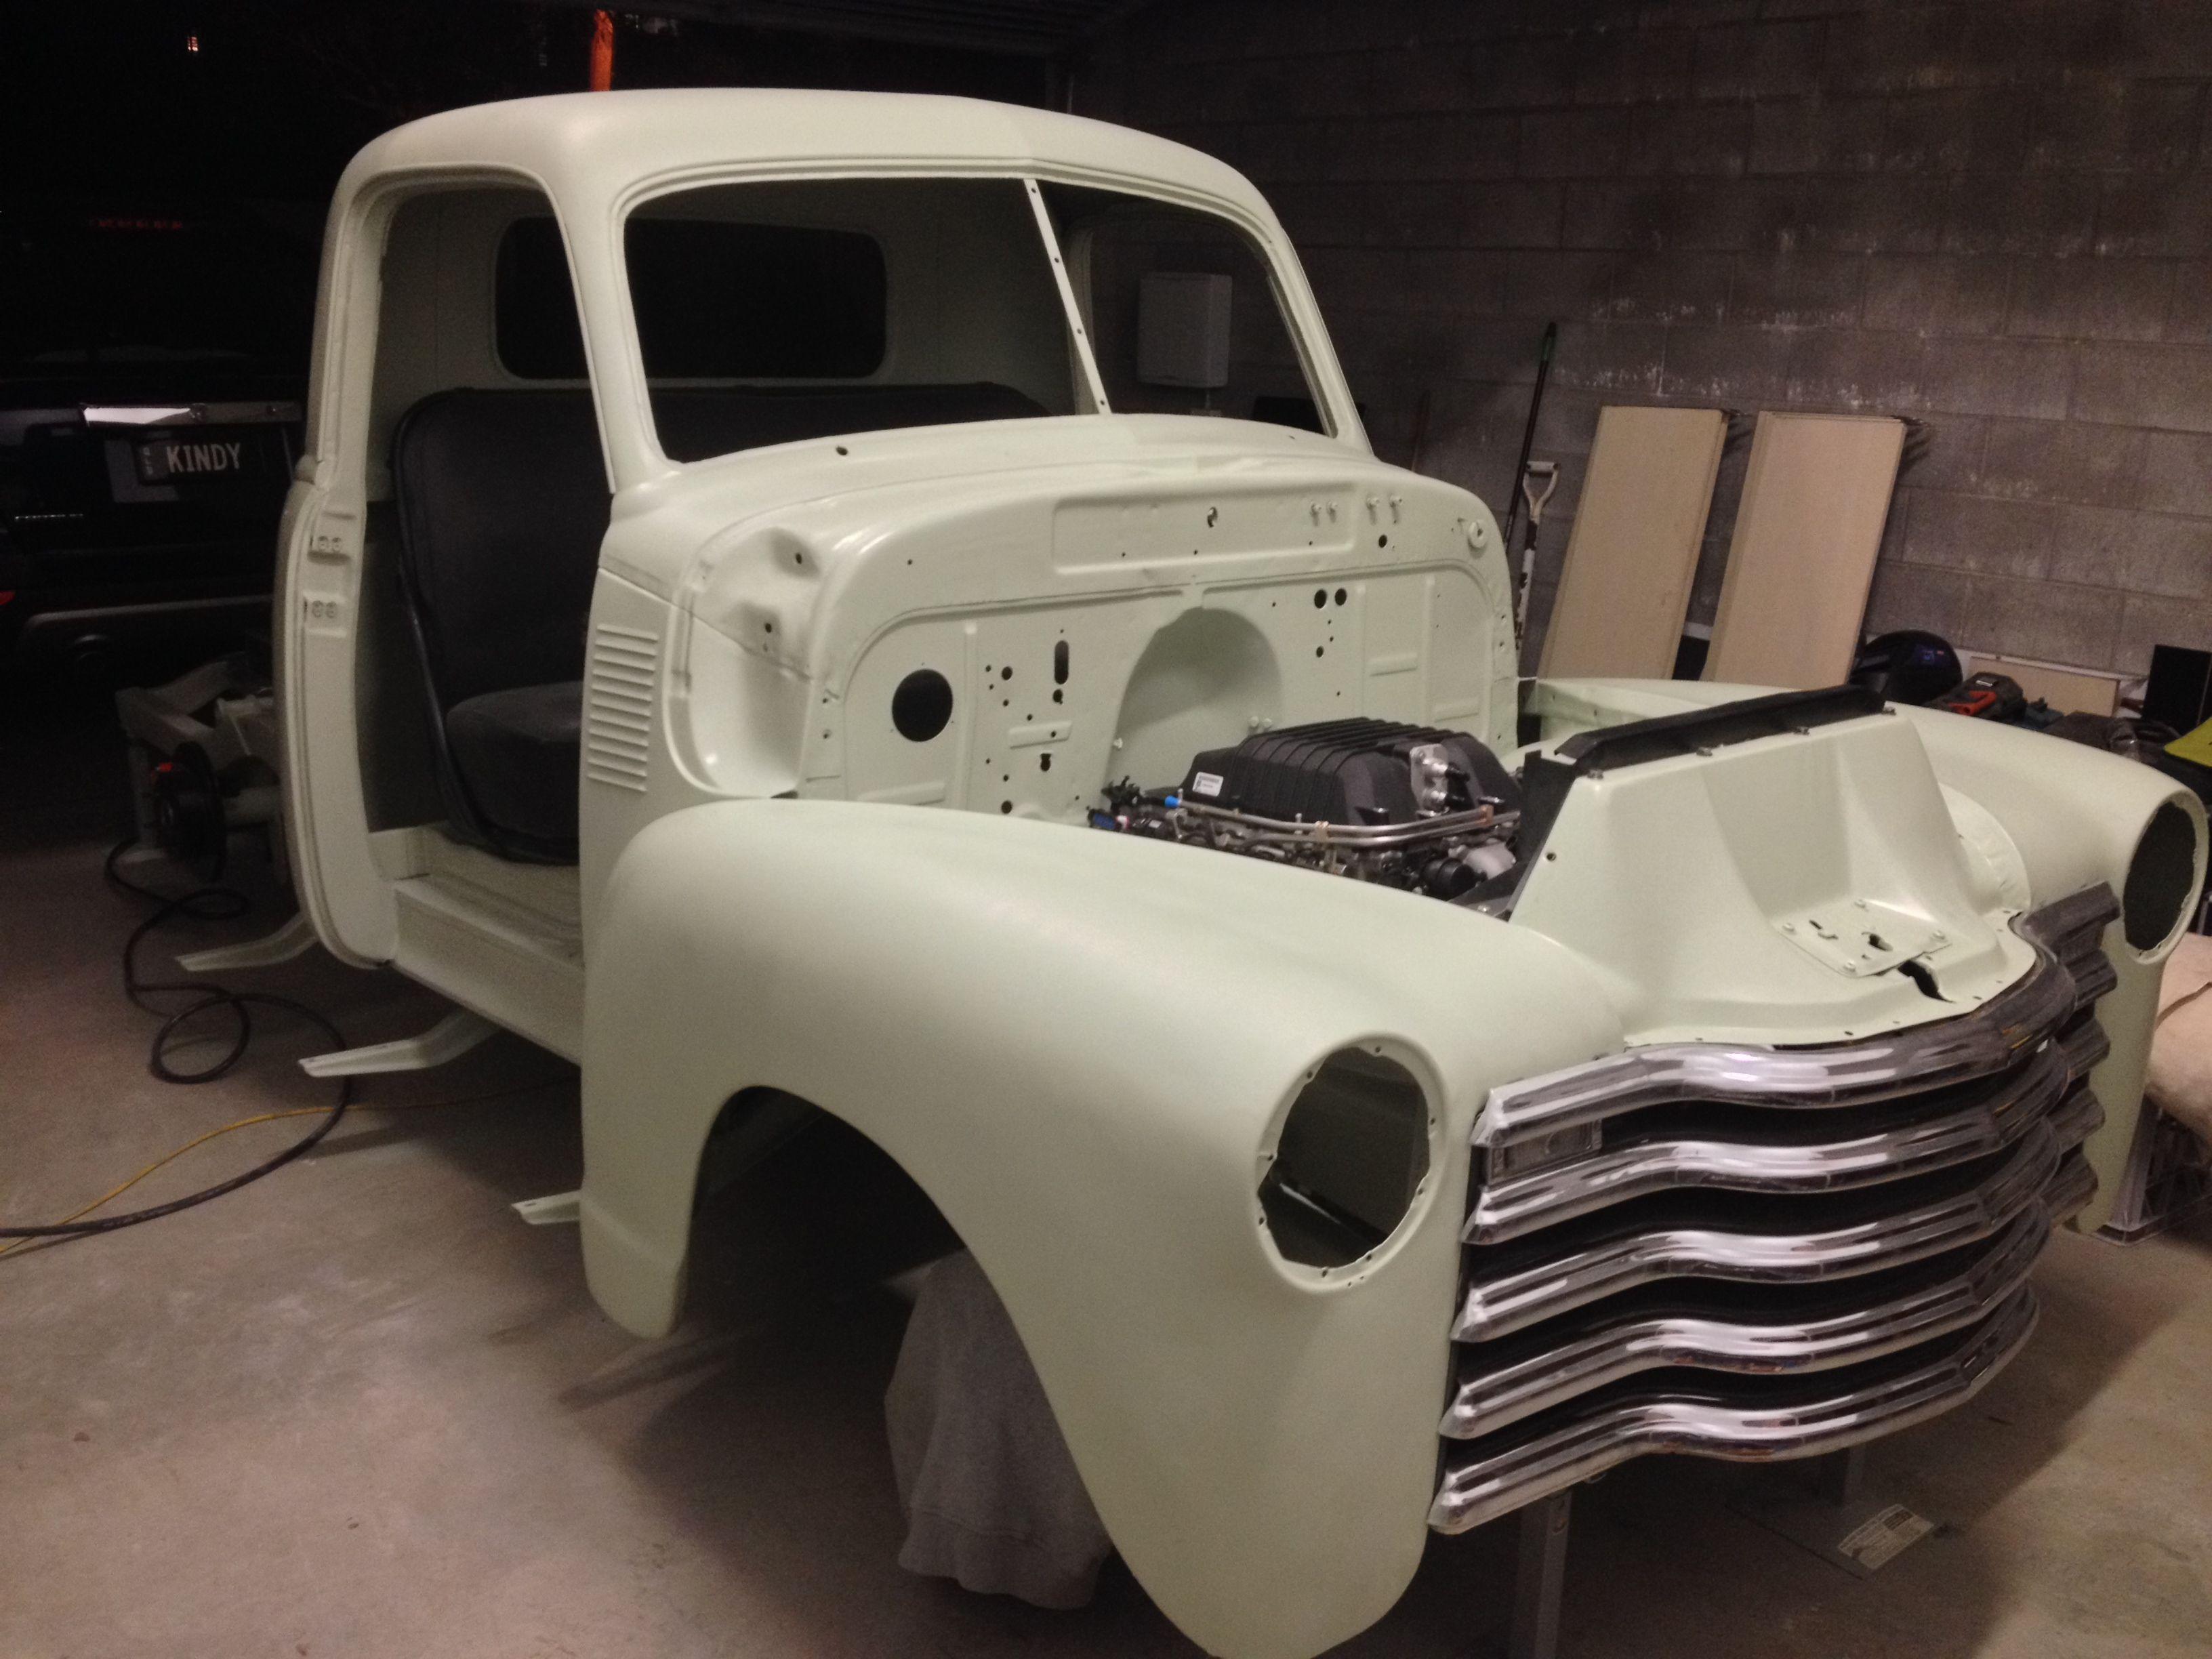 Shaun S Lsa Powered 1950 Chevy Pickup Under Construction Chevy Pickups 1954 Chevy Truck Chevy Trucks